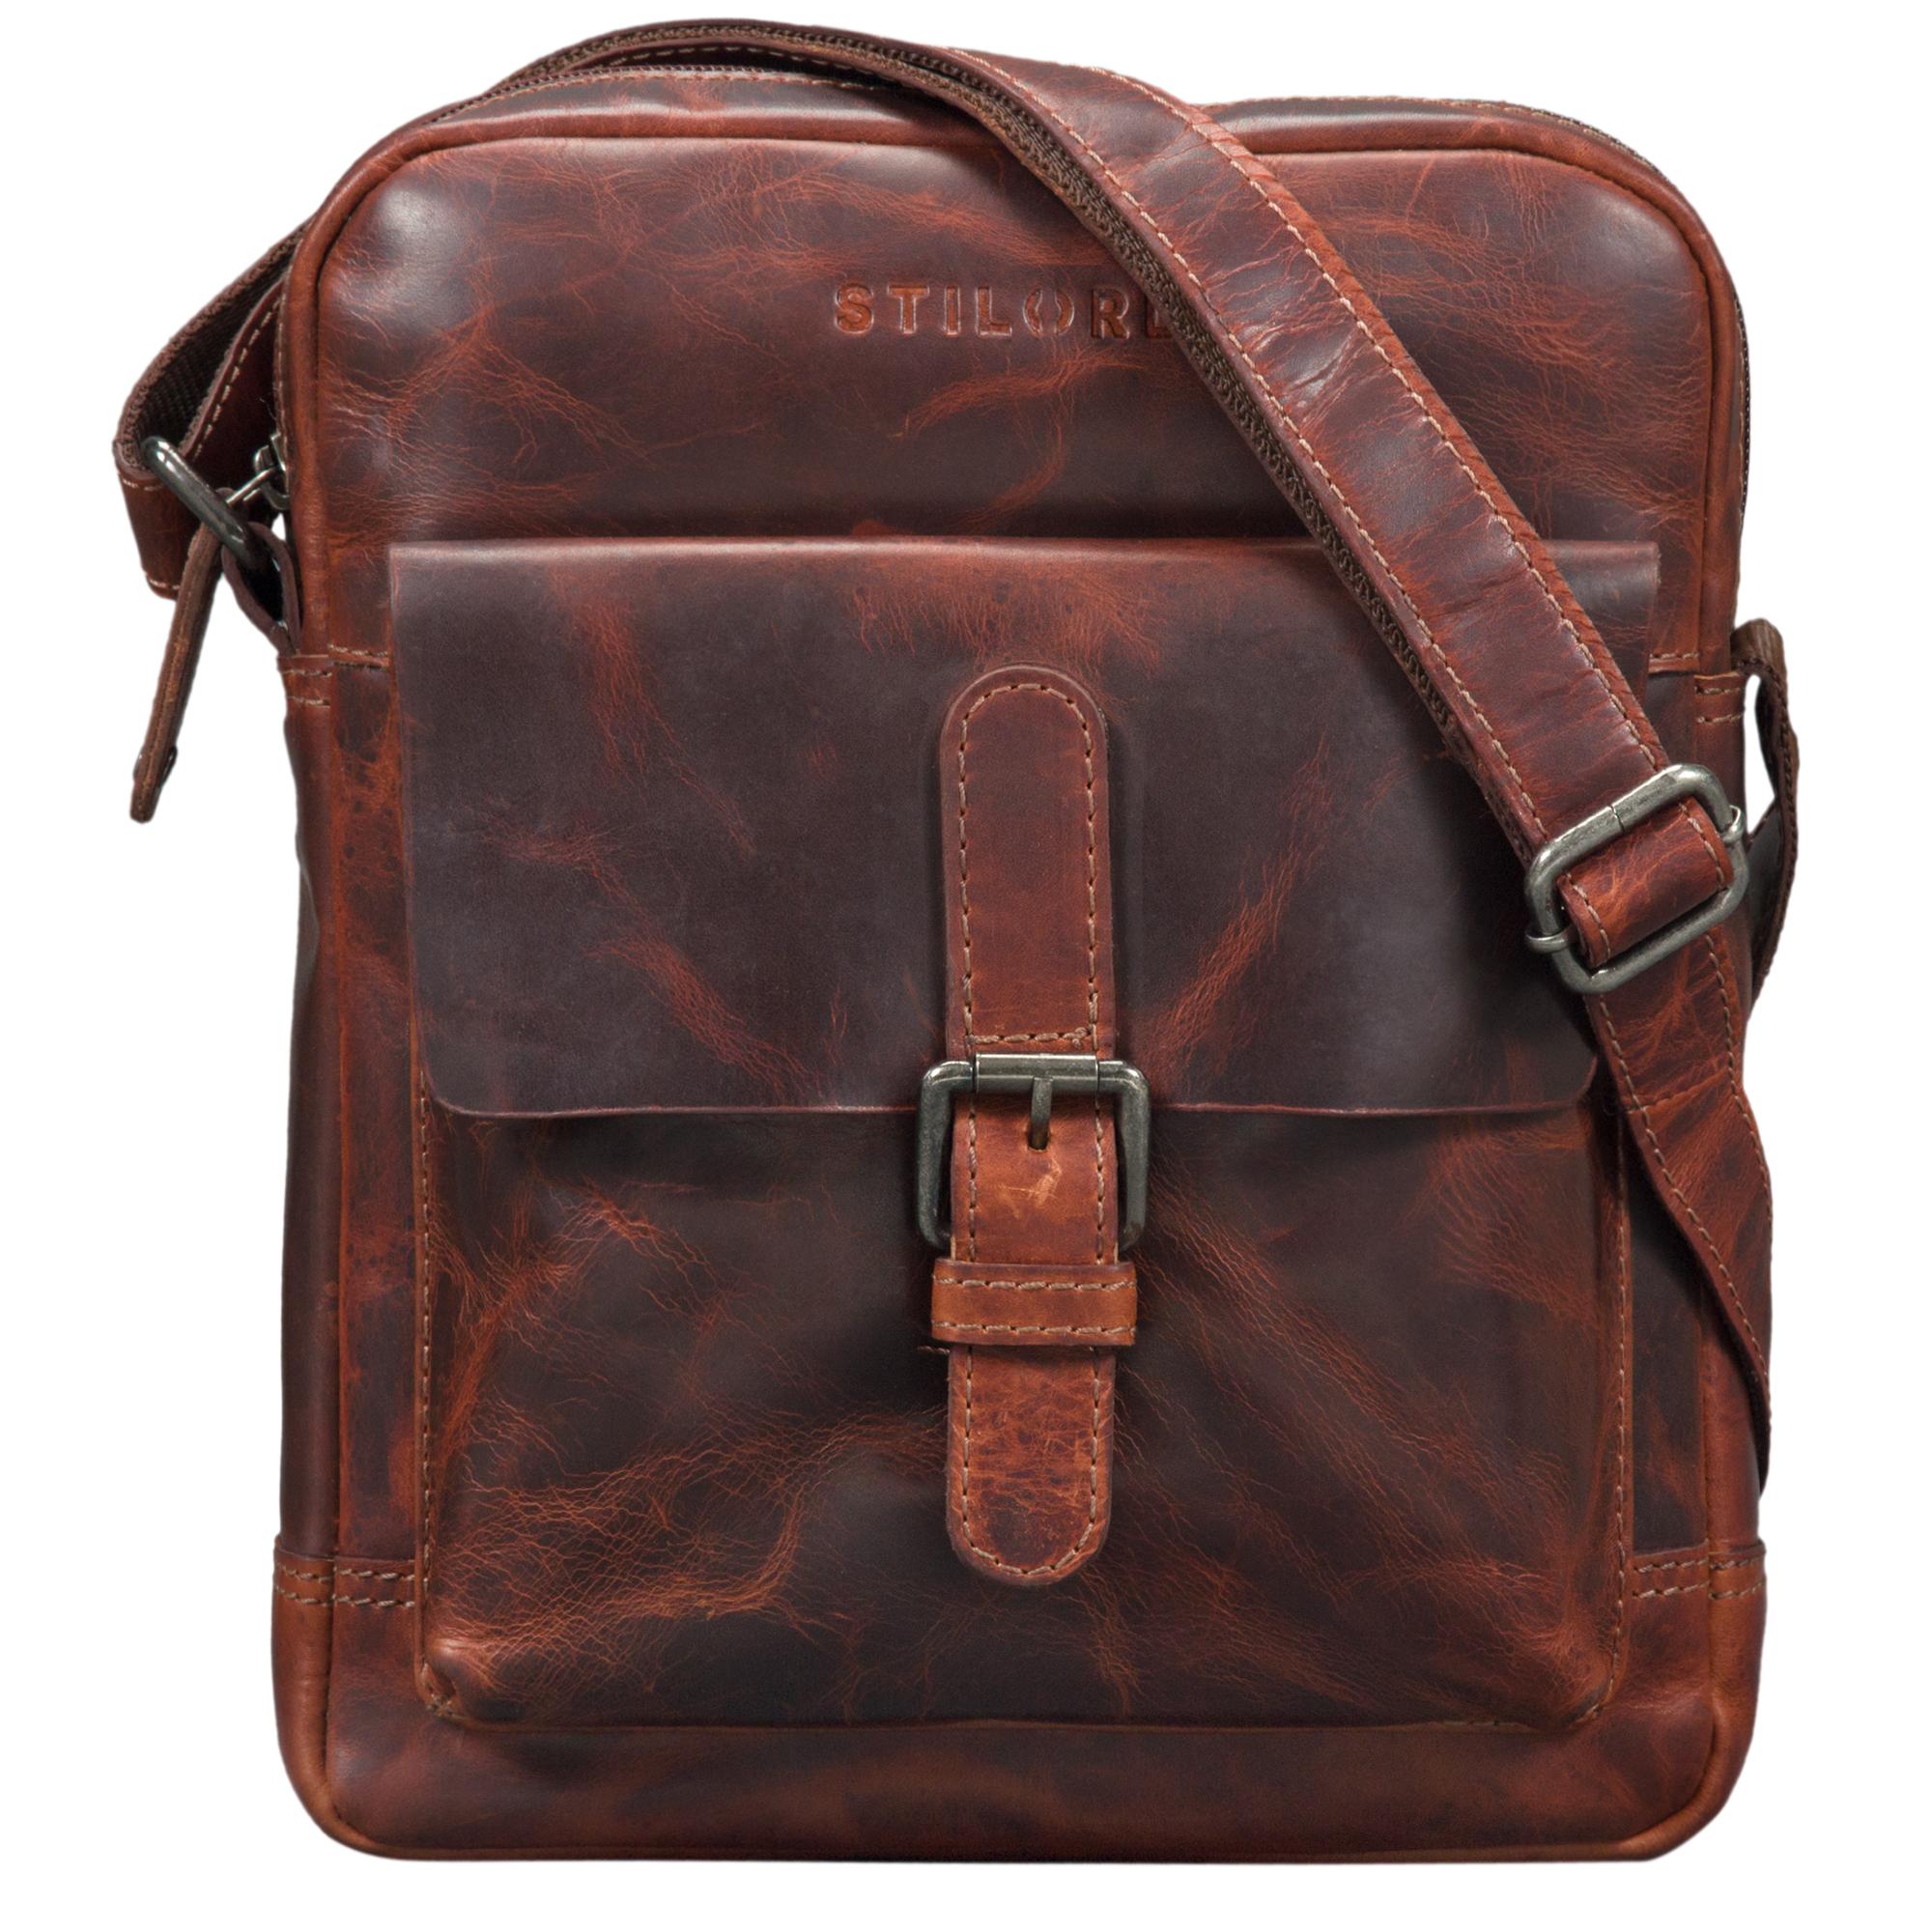 """STILORD """"Luan"""" Kleine Umhängetasche Leder Vintage für Männer und Frauen Messenger Bag mit 10.1 Zoll Tabletfach Cross Body Bag für DIN A5 aus echtem Leder - Bild 10"""